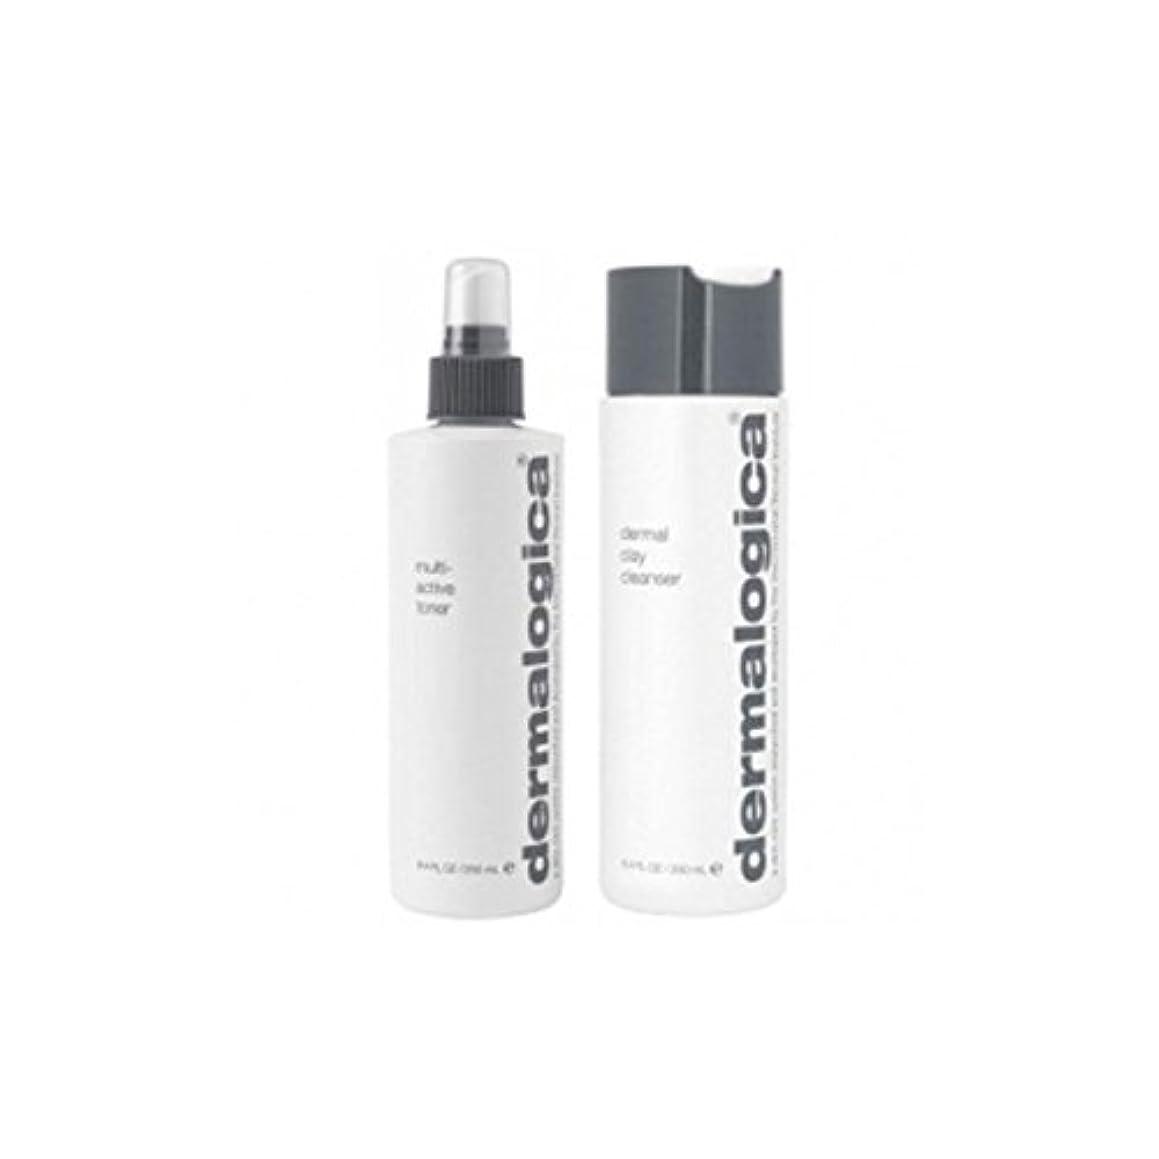 ちょうつがいボイコット素晴らしきダーマロジカクレンジング&トーンデュオ - 脂性肌(2製品) x2 - Dermalogica Cleanse & Tone Duo - Oily Skin (2 Products) (Pack of 2) [並行輸入品]